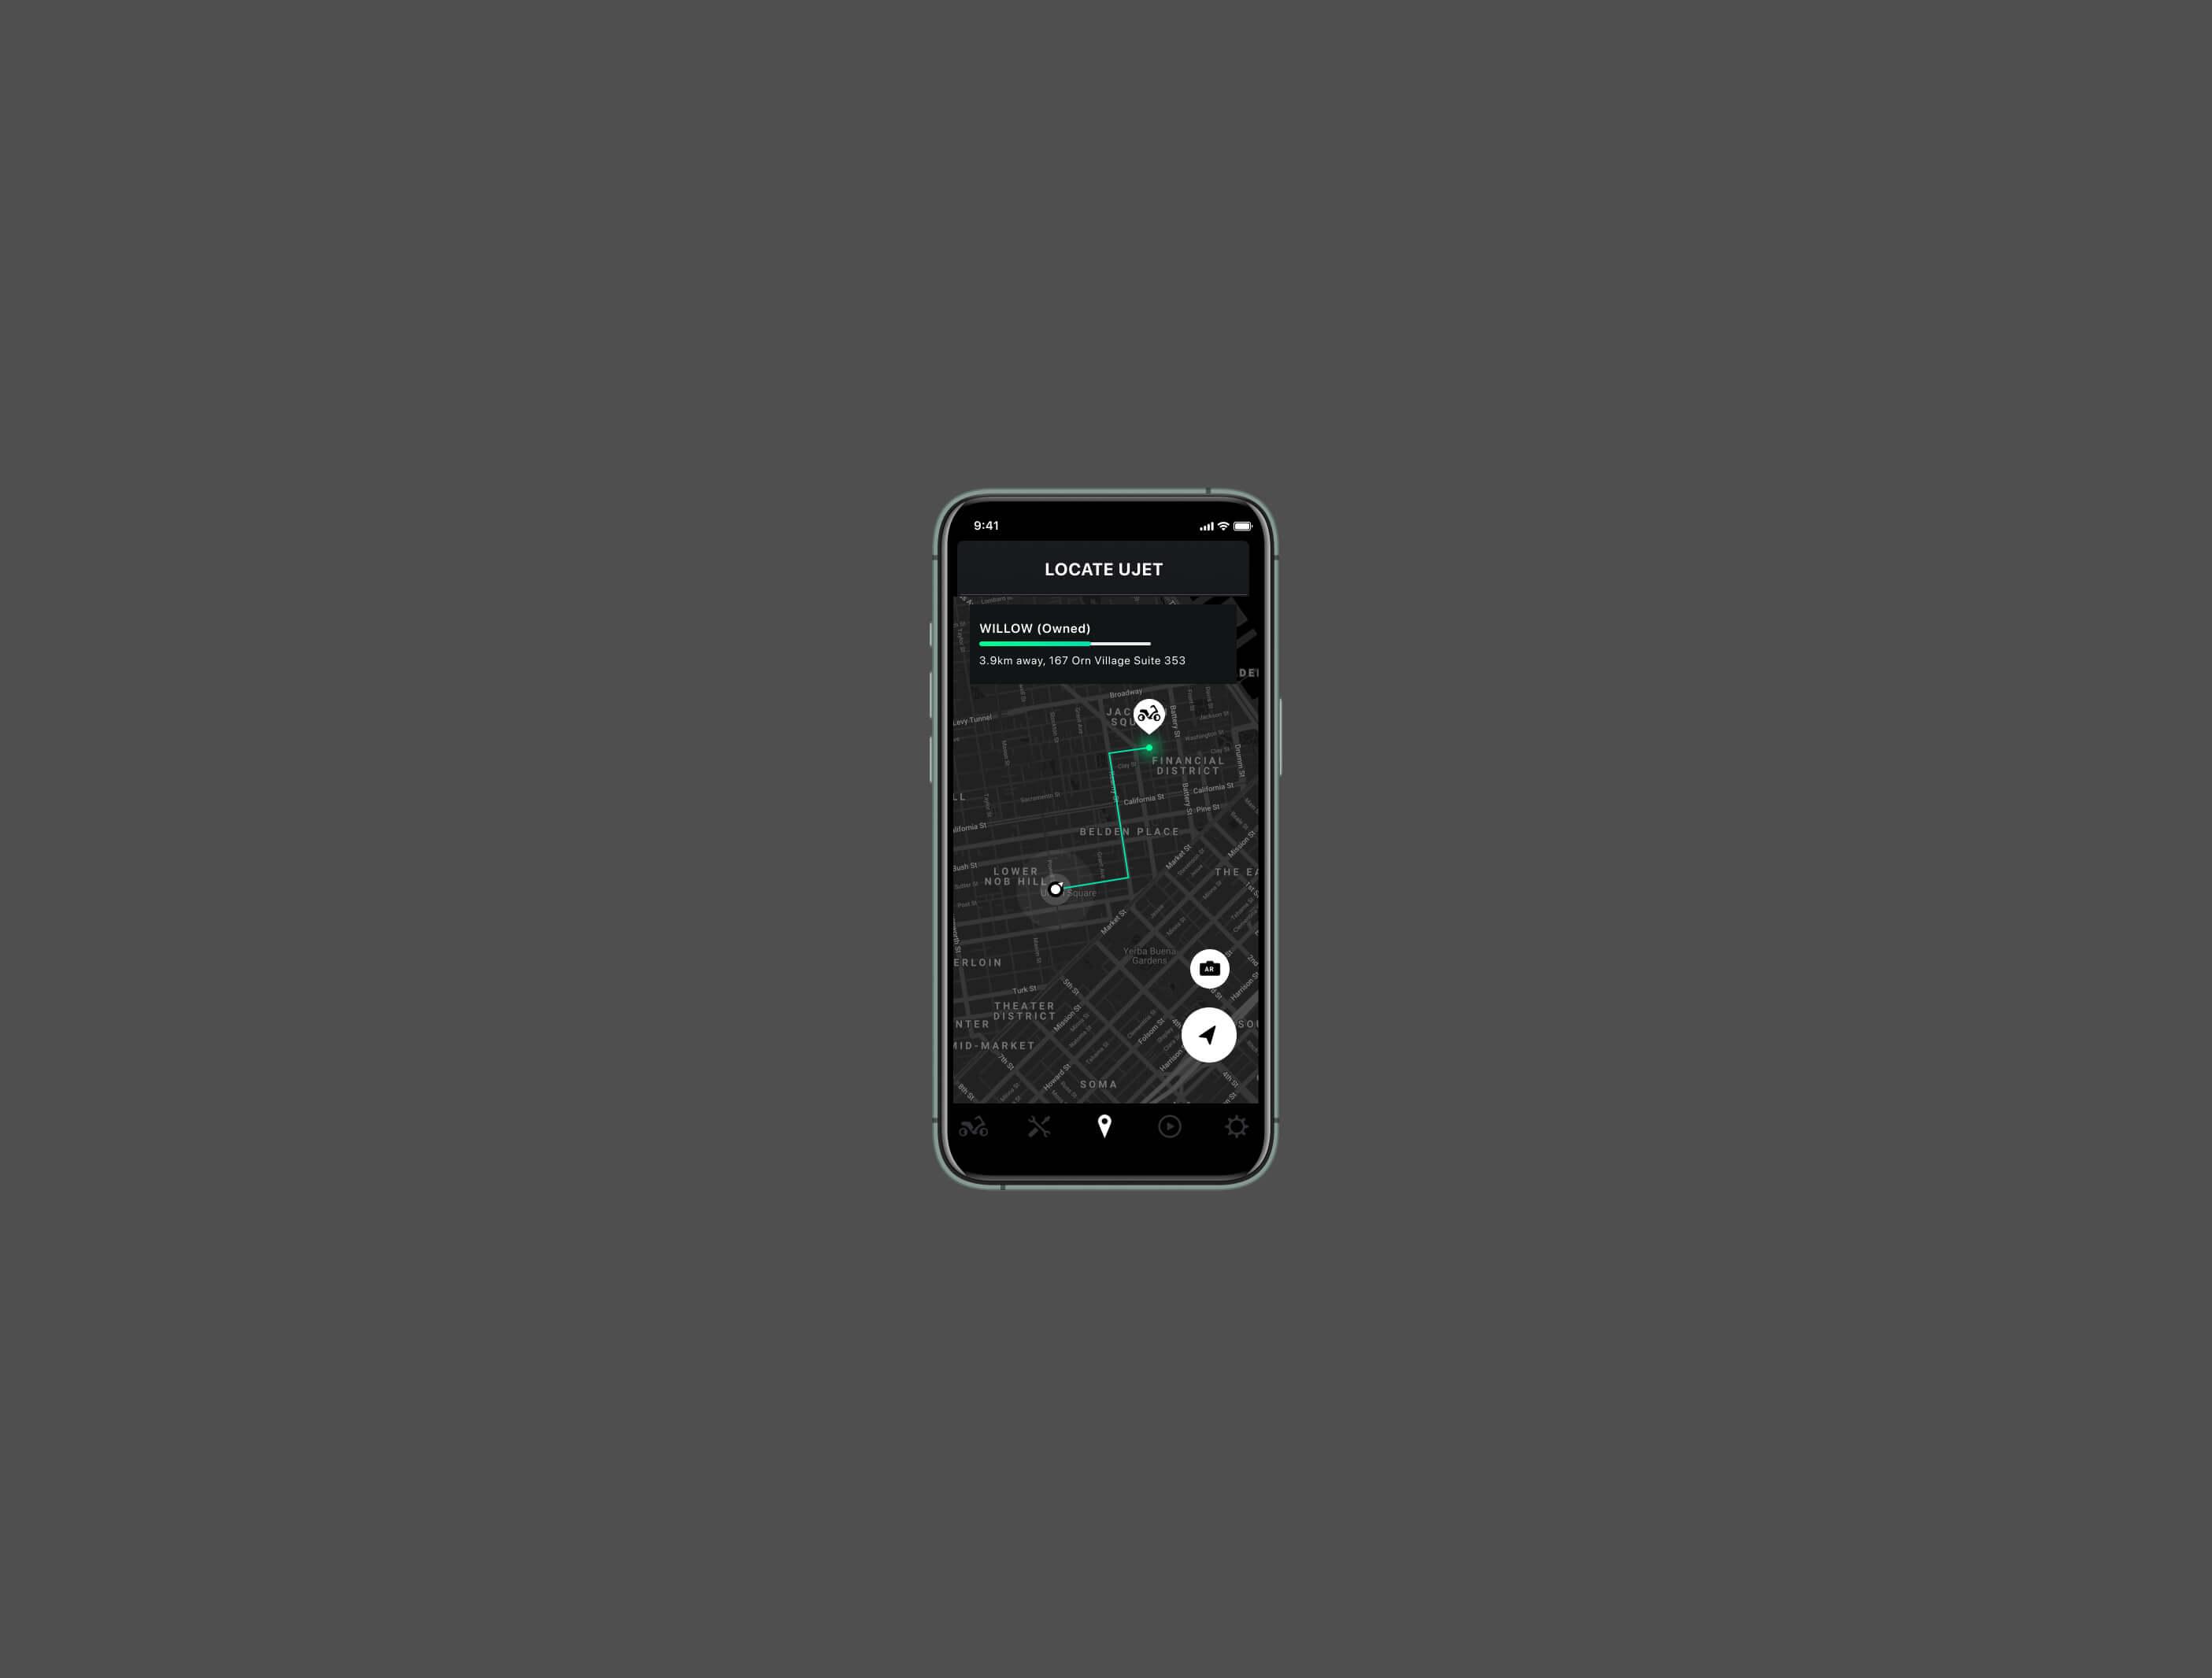 Ujet app